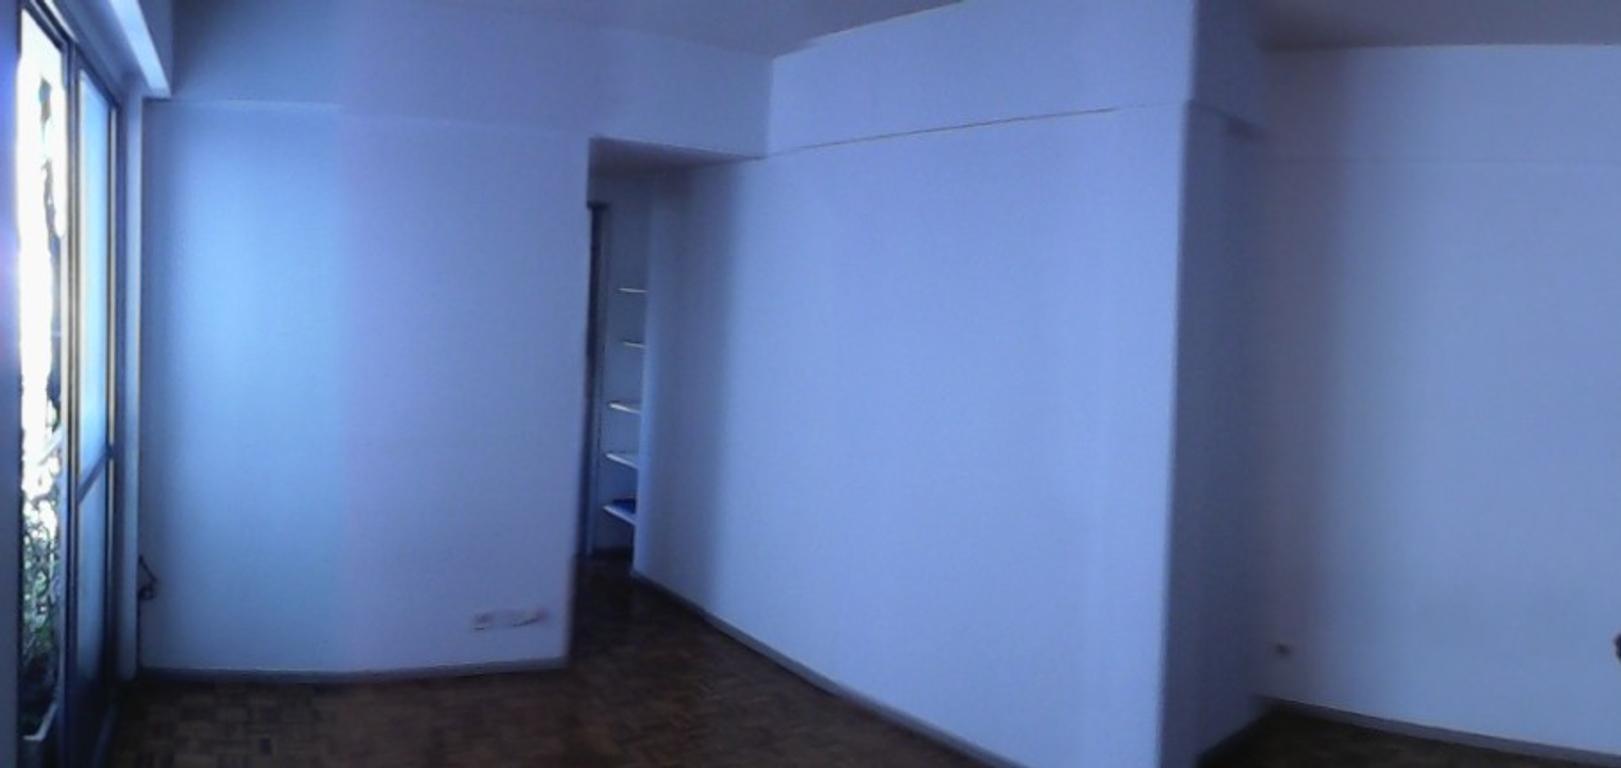 2 ambientes piso 7º mucha luz y amplio.contra frente